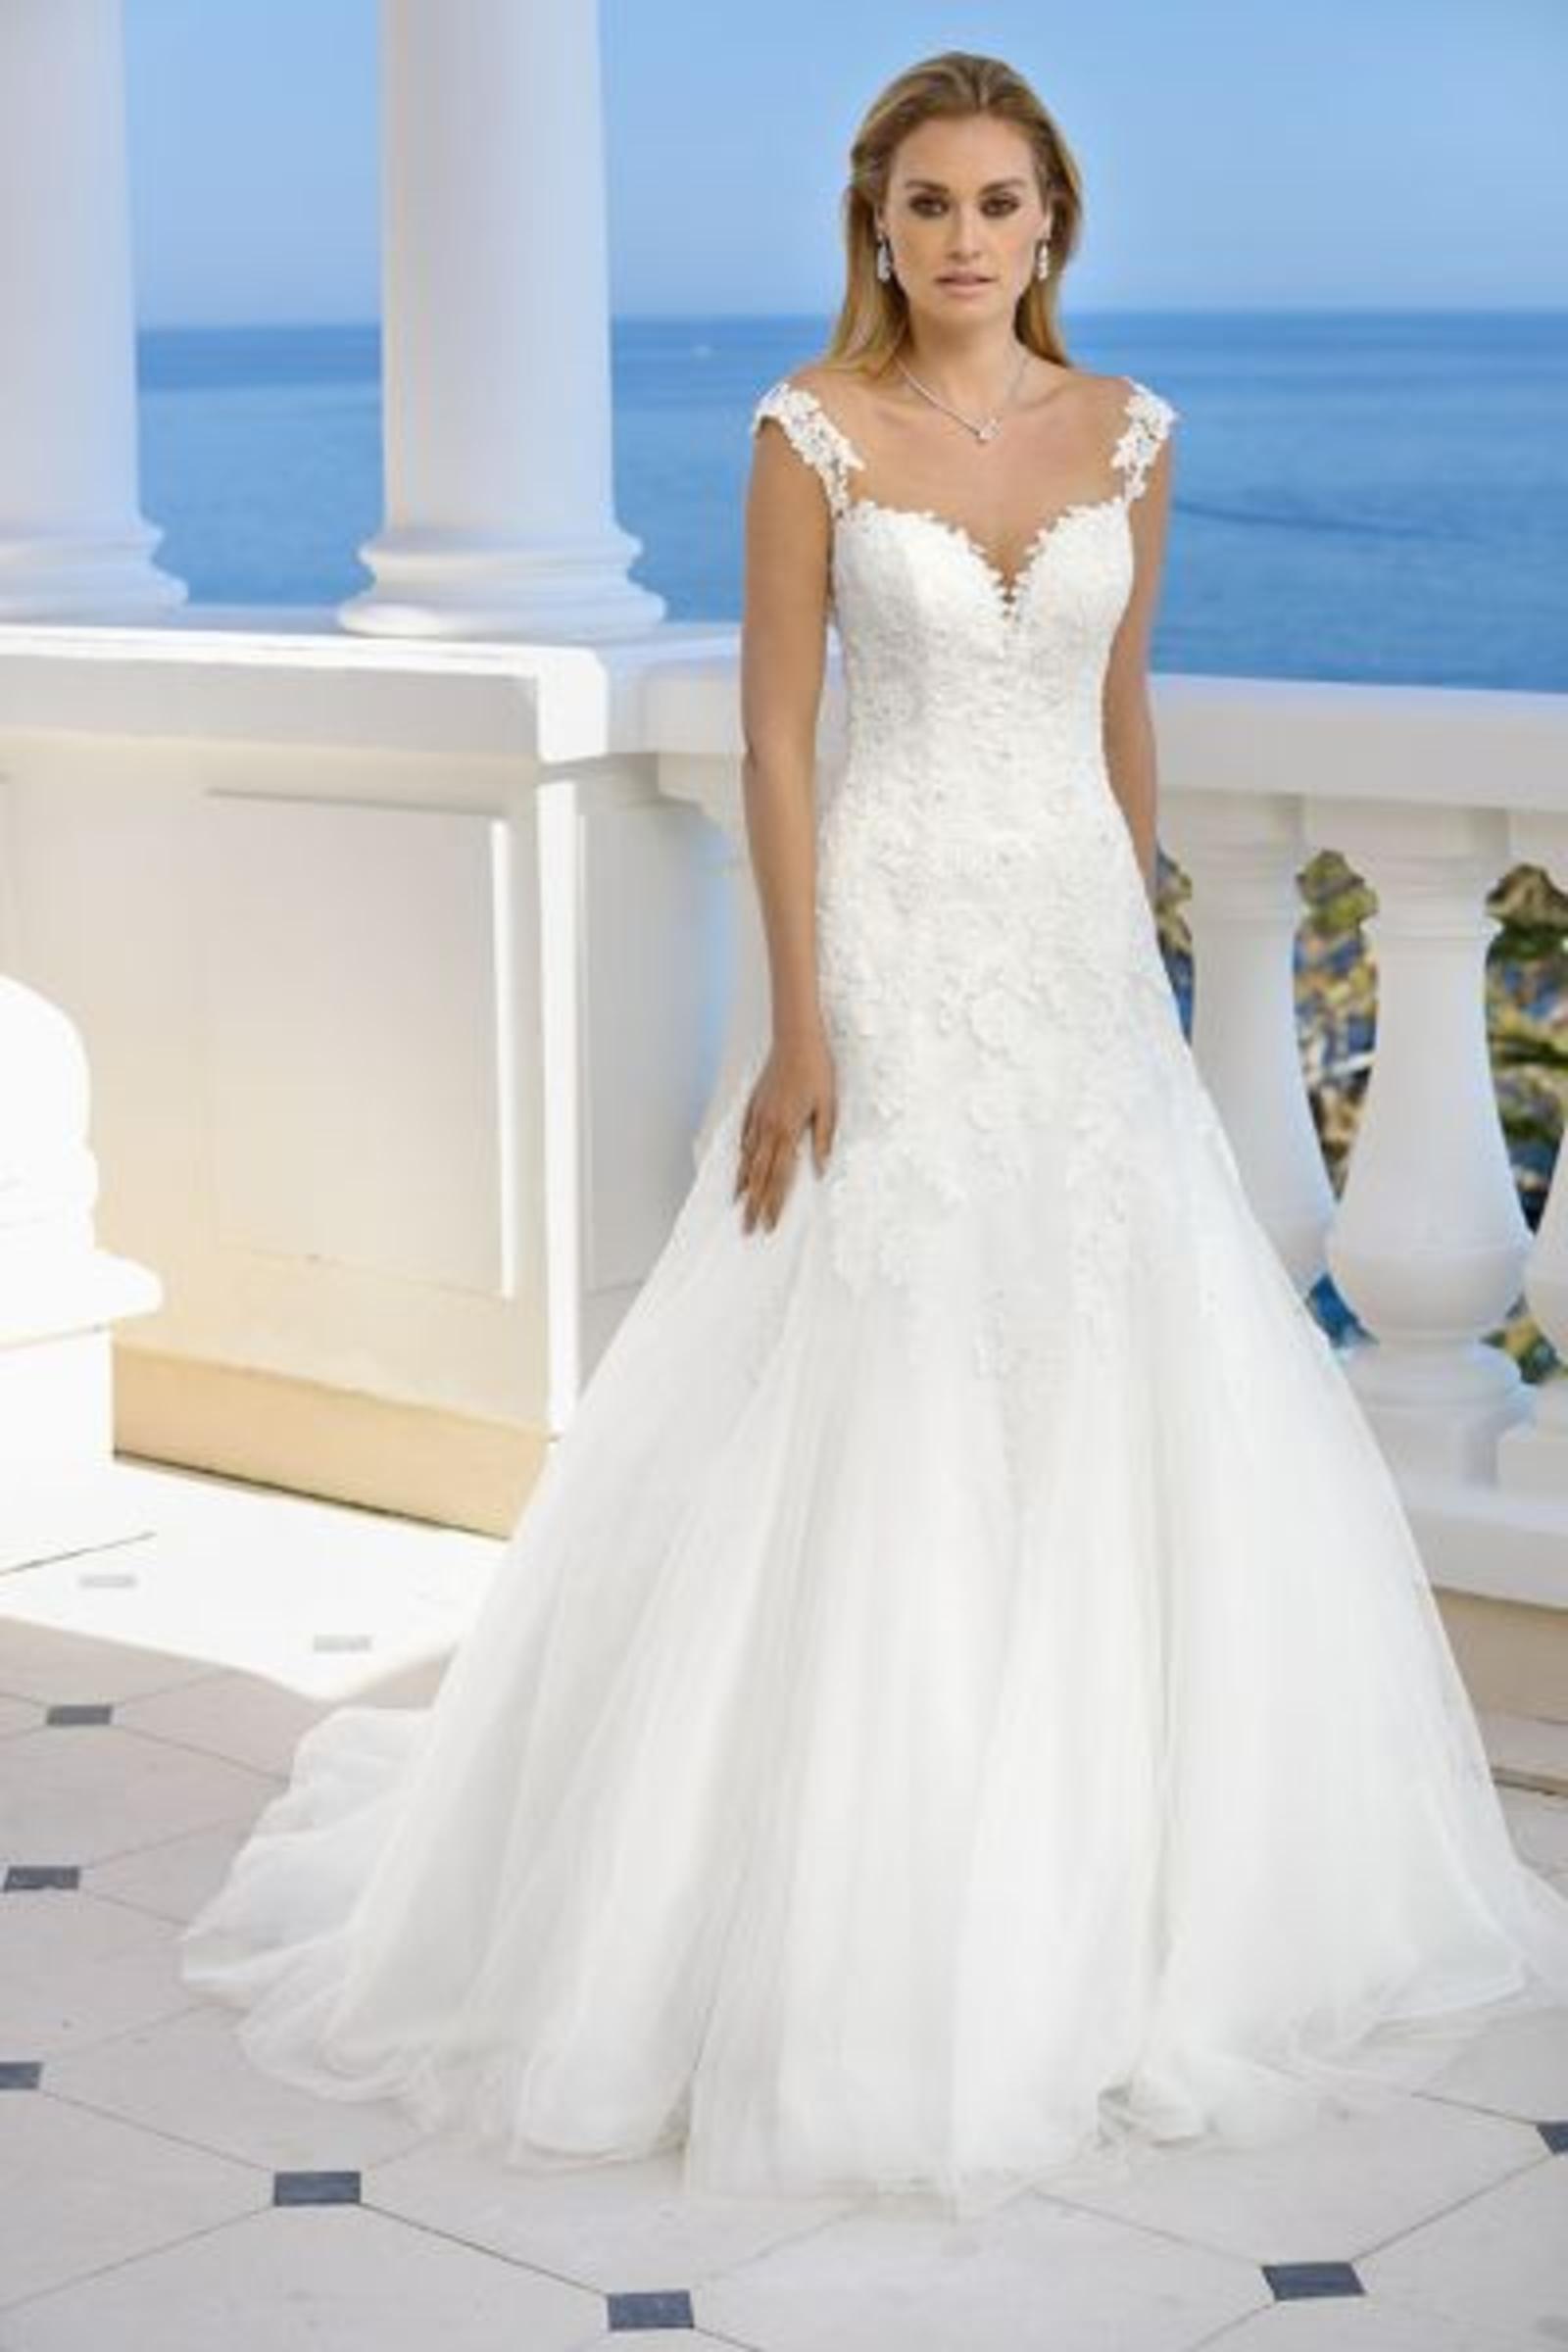 Wunderschöne Ladybird Brautkleider aus der Kollektion 2018 - Wir ...